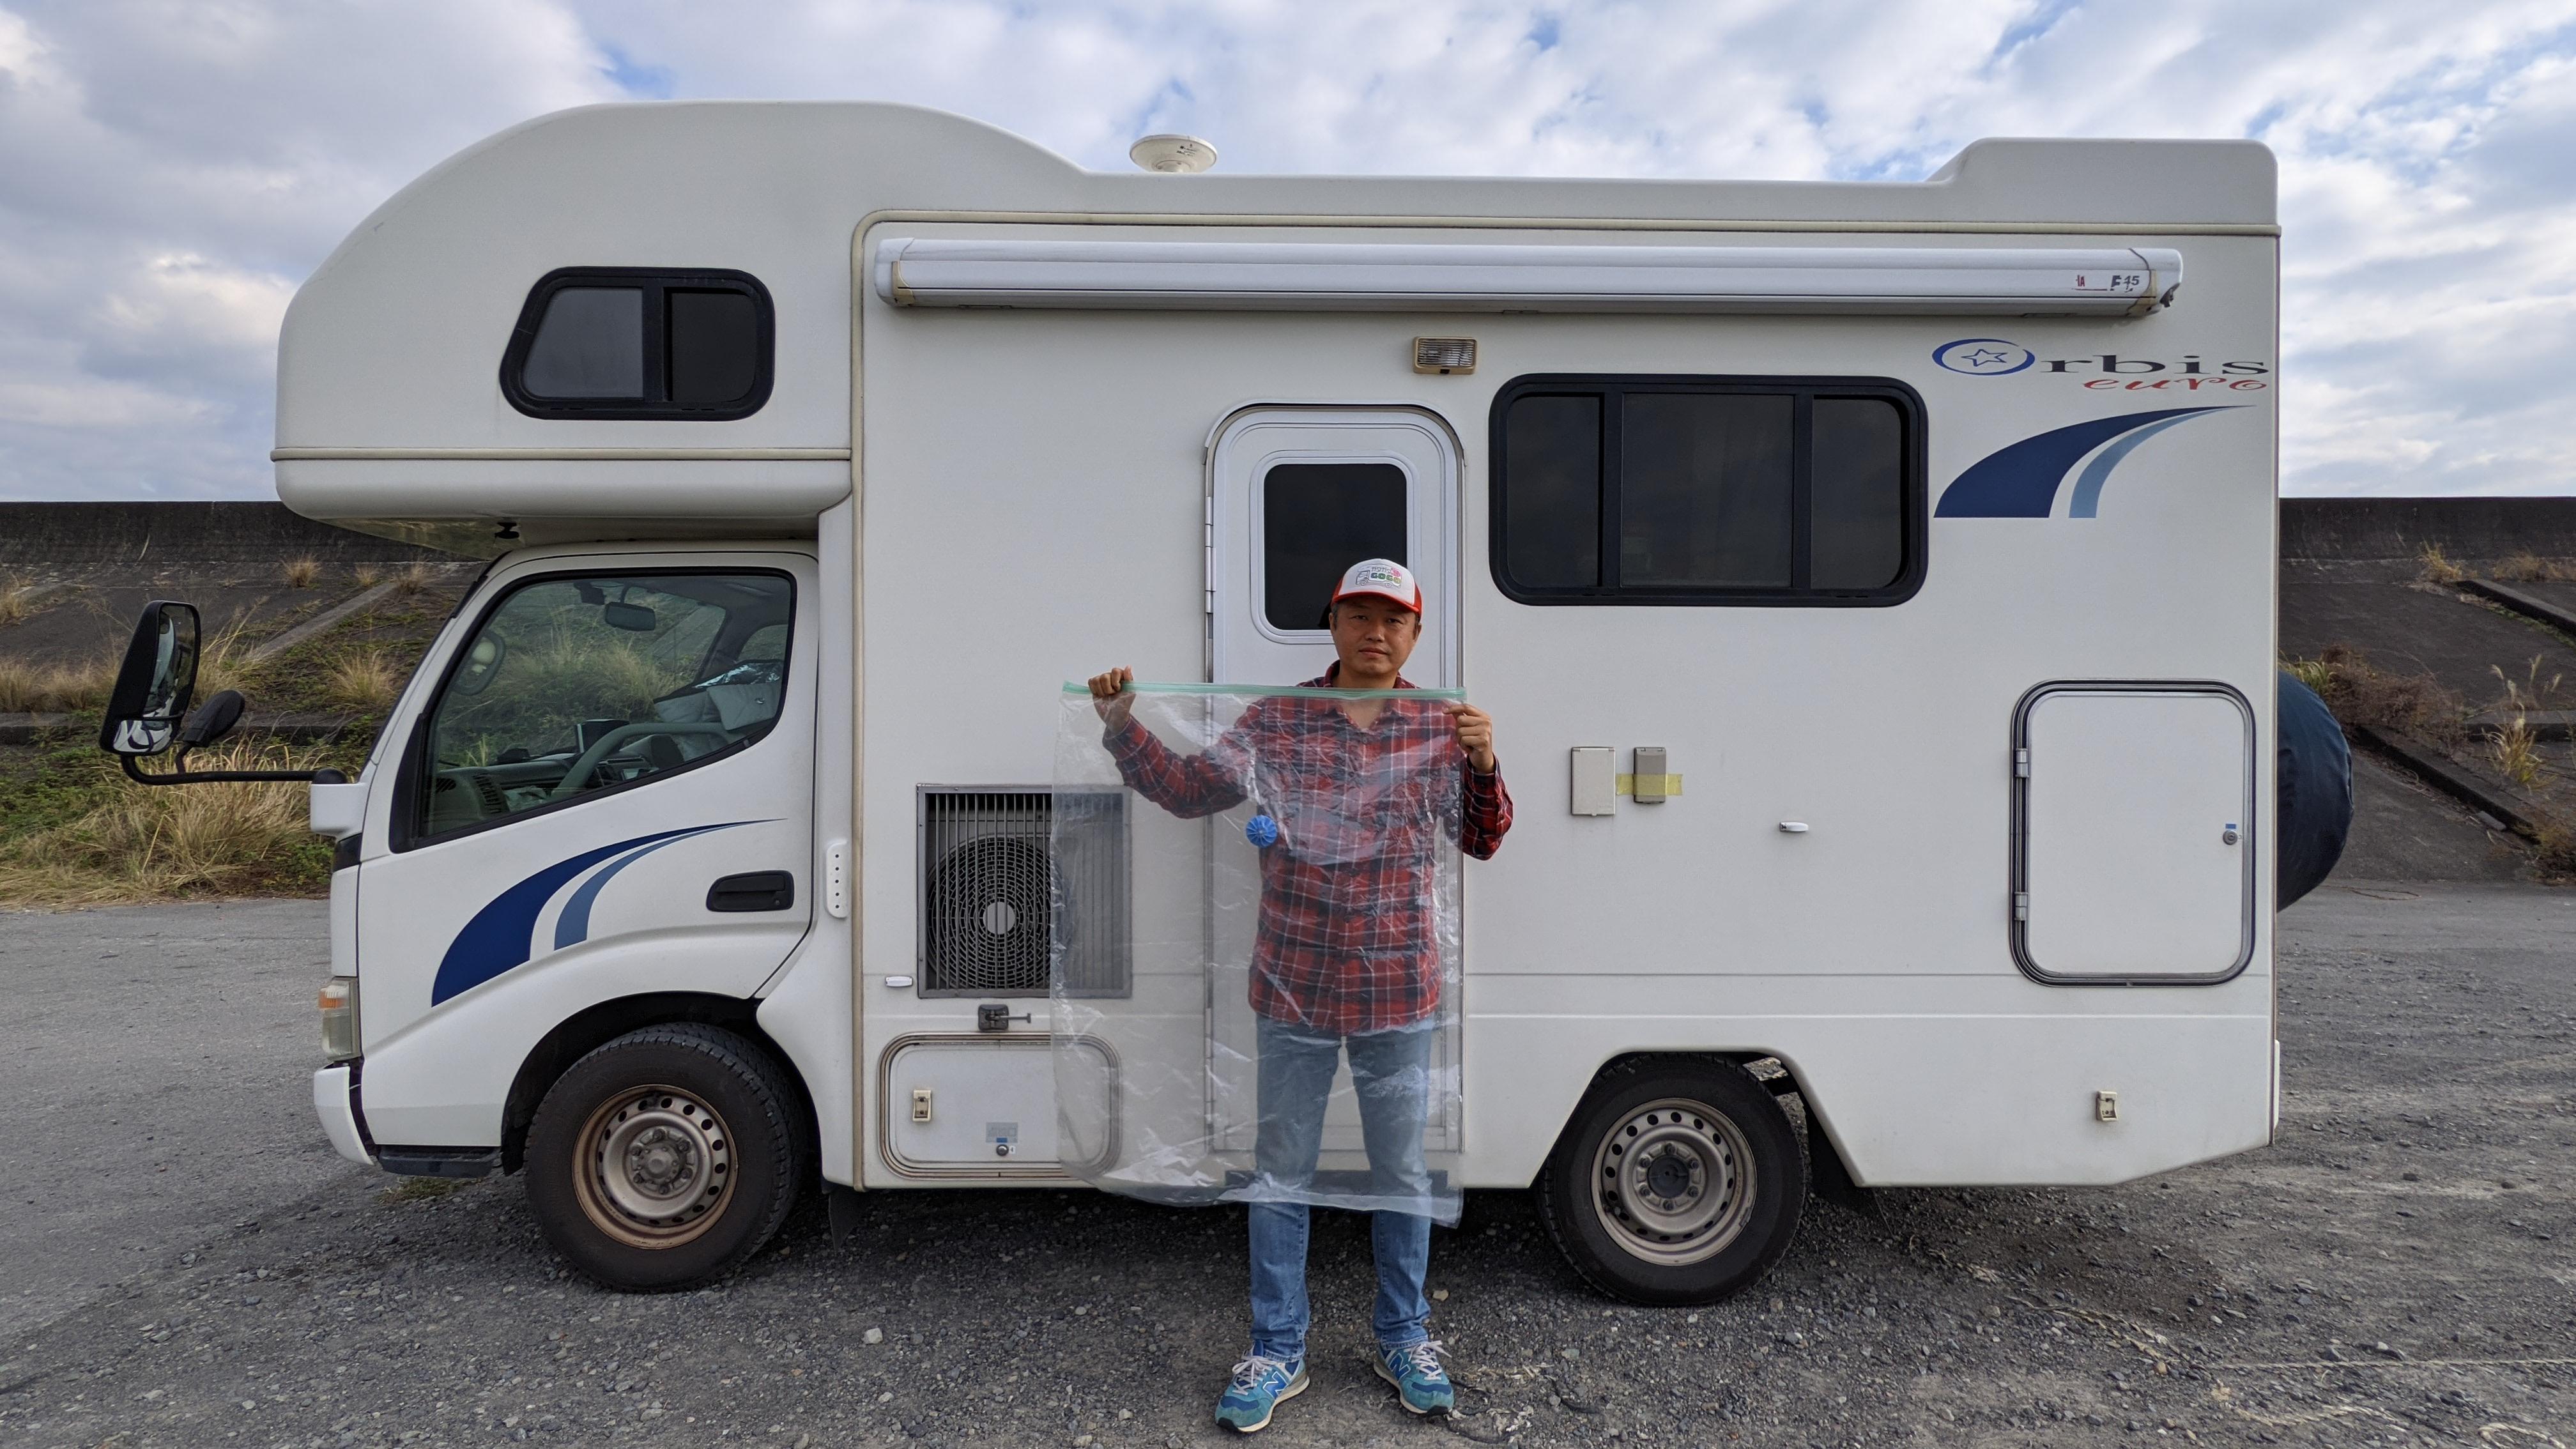 1年分の荷物を搭載!キャンピングカーに暮らす夫婦の、冬の荷物の収納方法